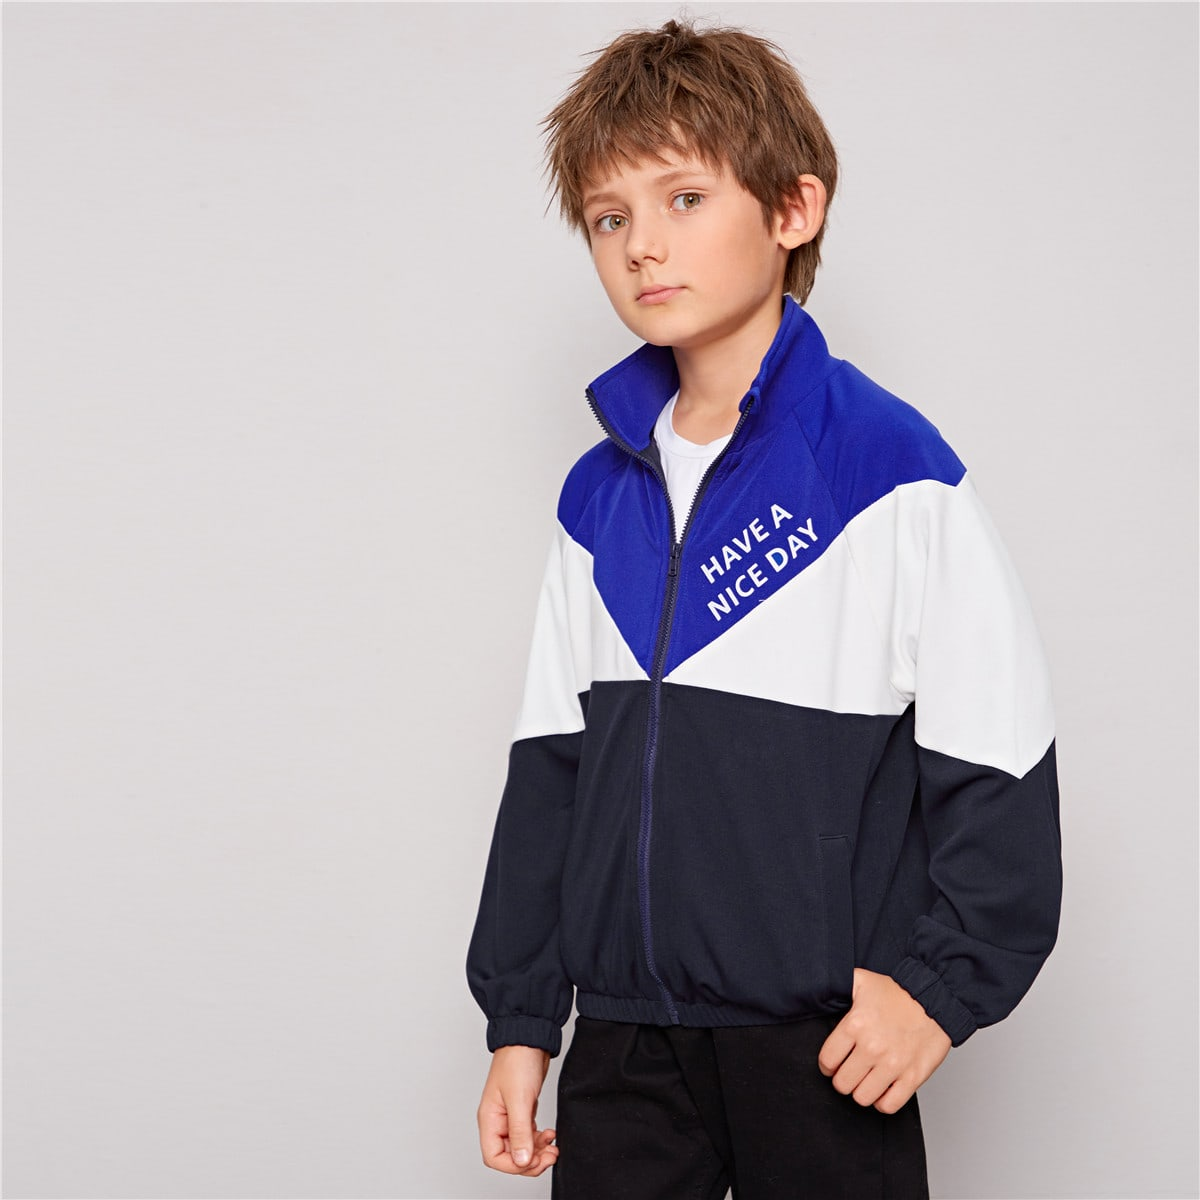 Контрастная куртка с текстовым принтом и молнией для мальчиков от SHEIN